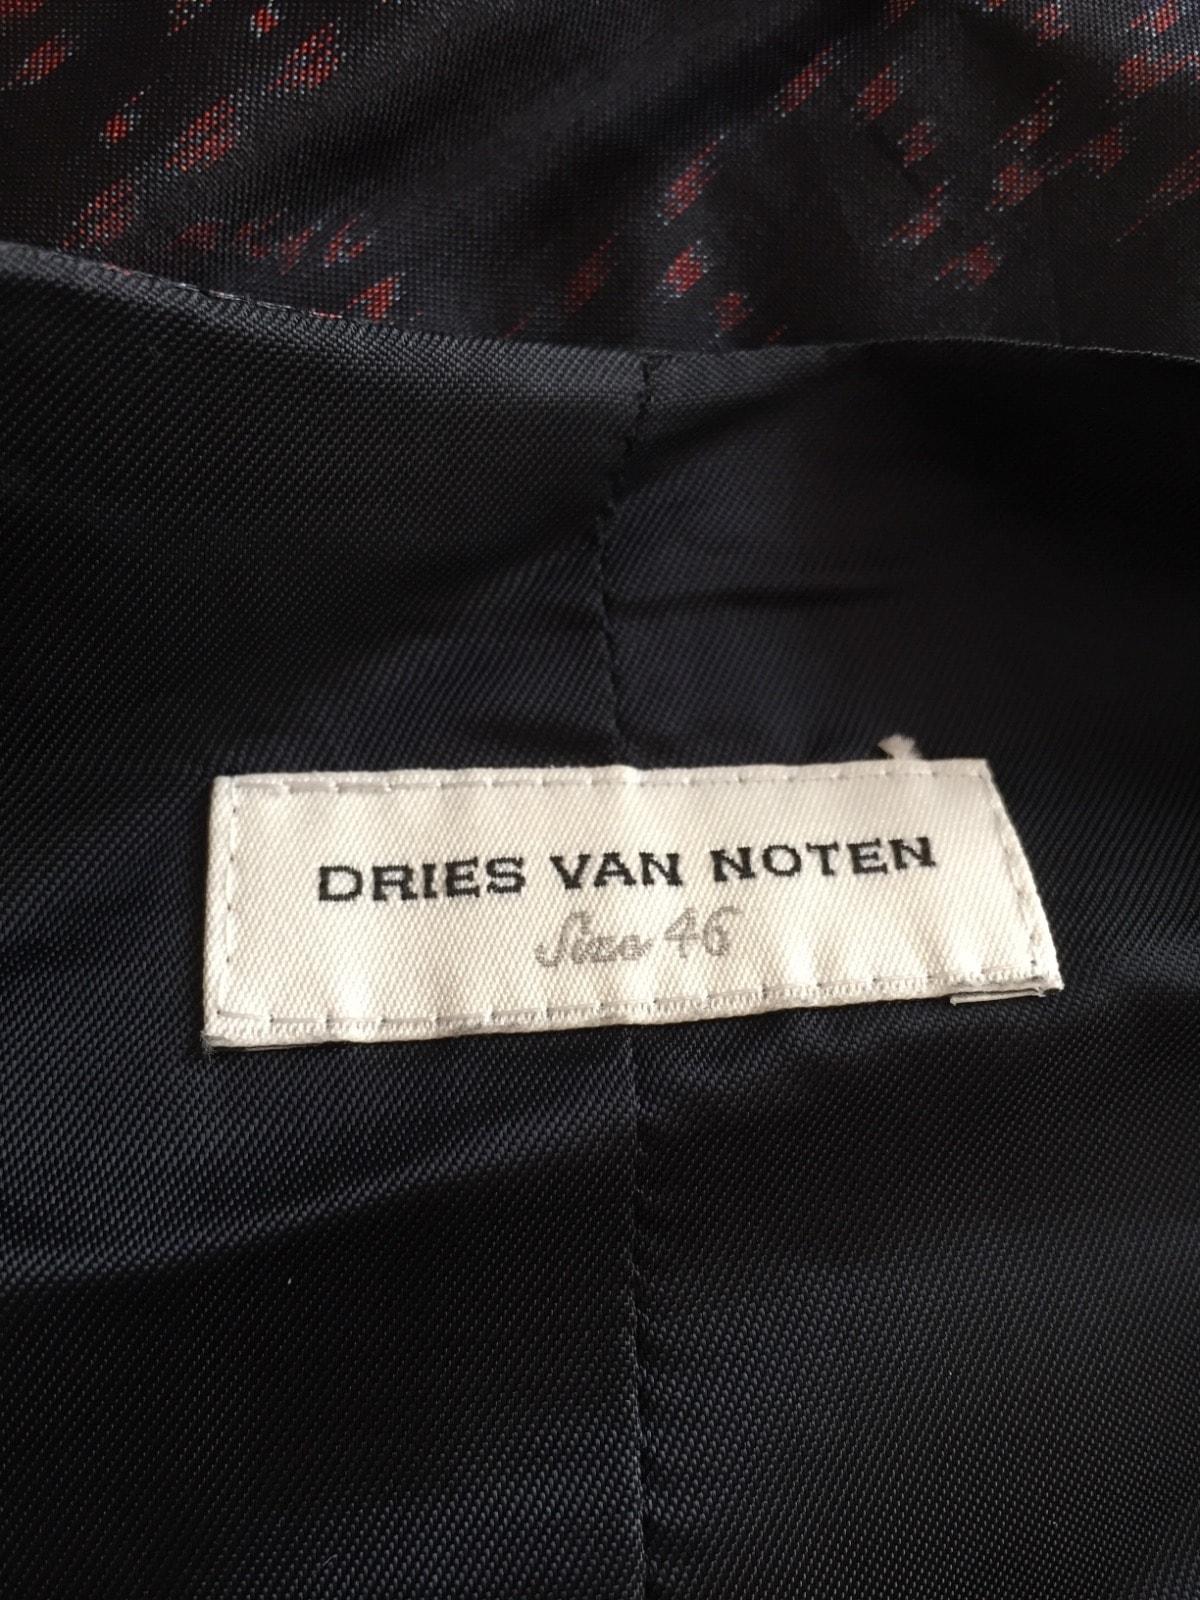 DRIES VAN NOTEN(ドリスヴァンノッテン)のベスト